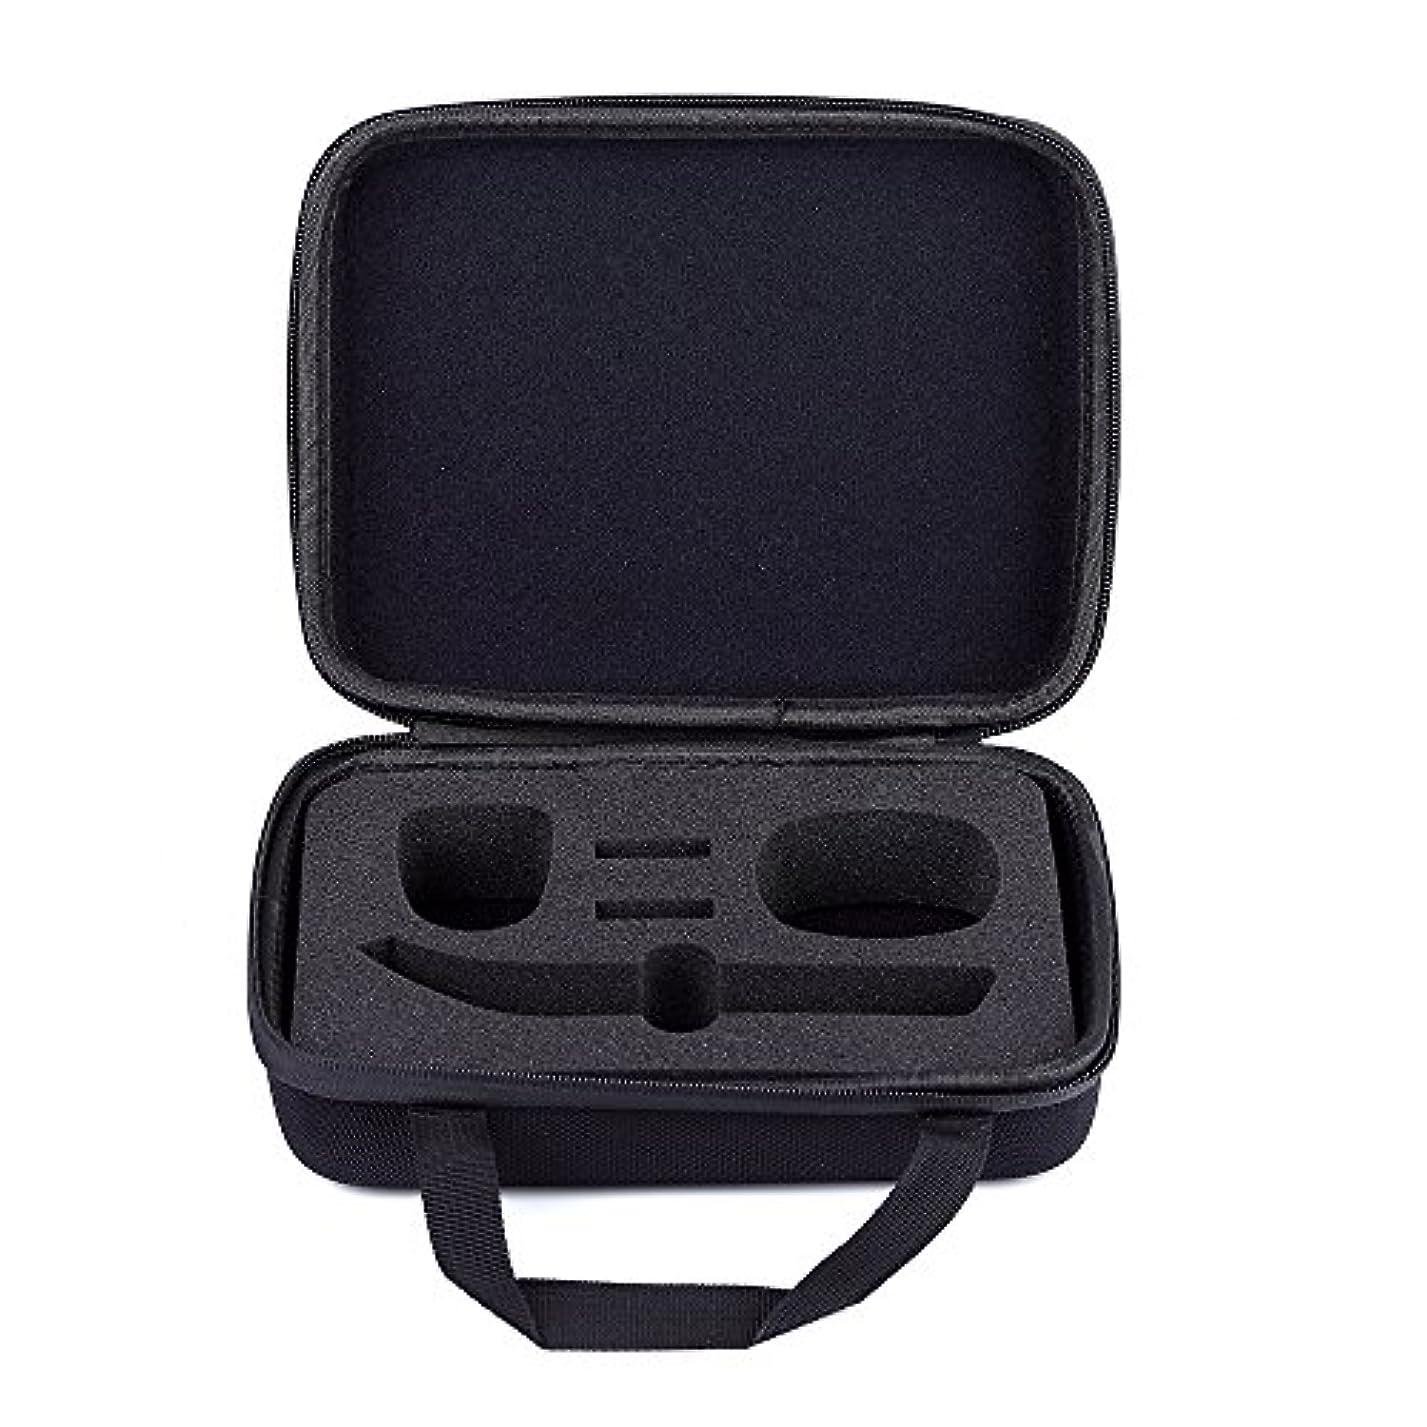 持参ウイルス下向きRETYLY トラベルのハードバッグ、携帯用ケース、Norelco Oneblade Pro用、転倒防止、防水、実用的なPhilipsシェーバー用の収納ボックス